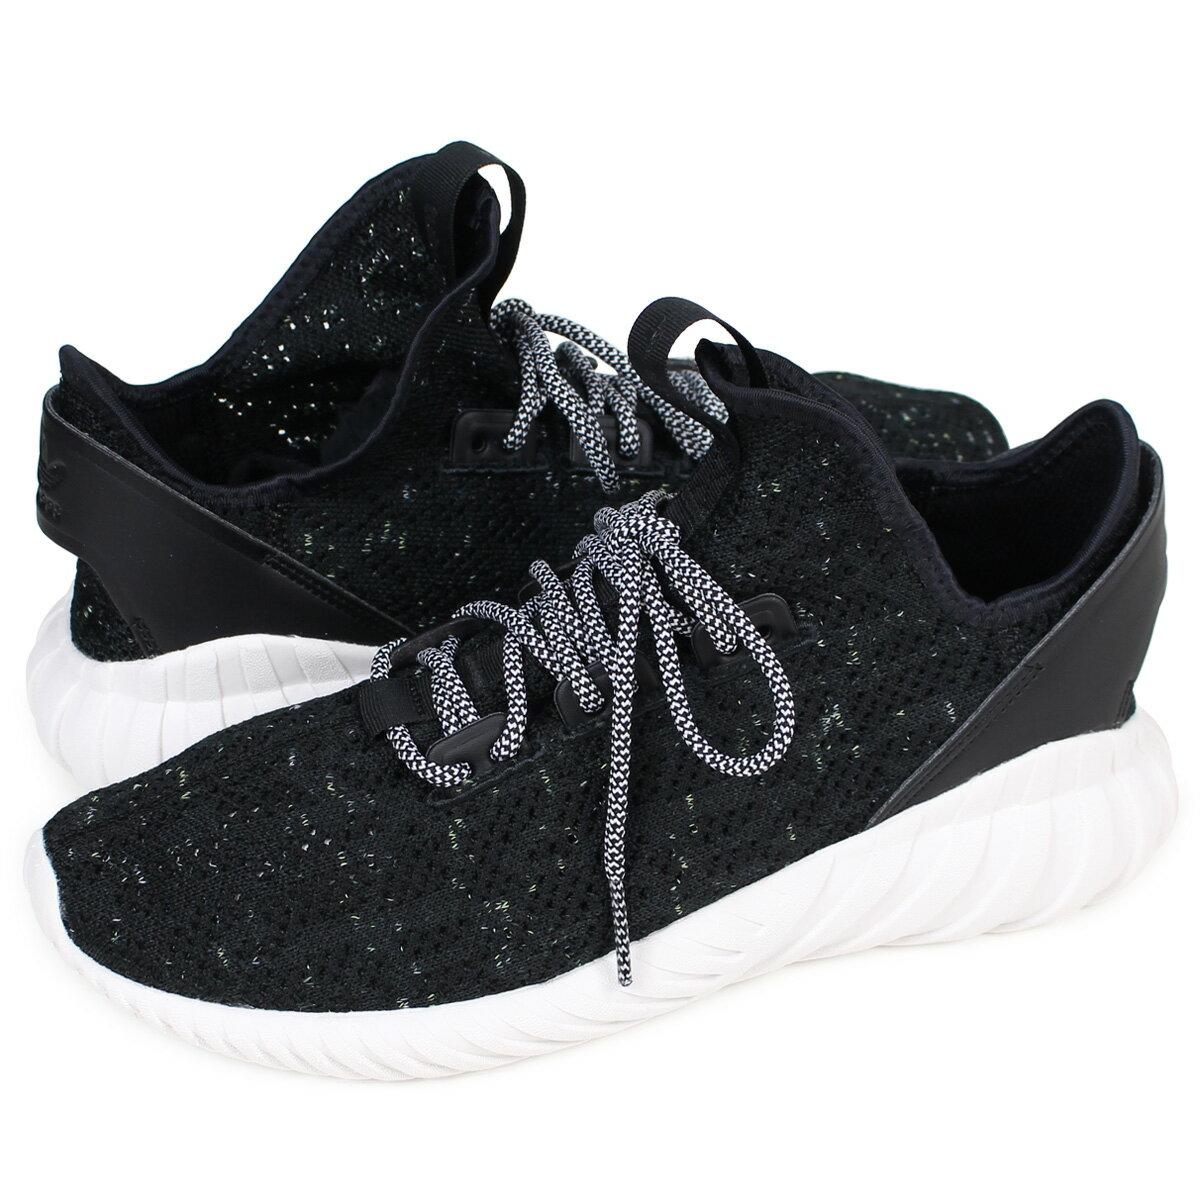 adidas Originals TUBULAR DOOM SOCK PK アディダス チューブラー スニーカー メンズ CQ0940 靴 ブラック [1712]